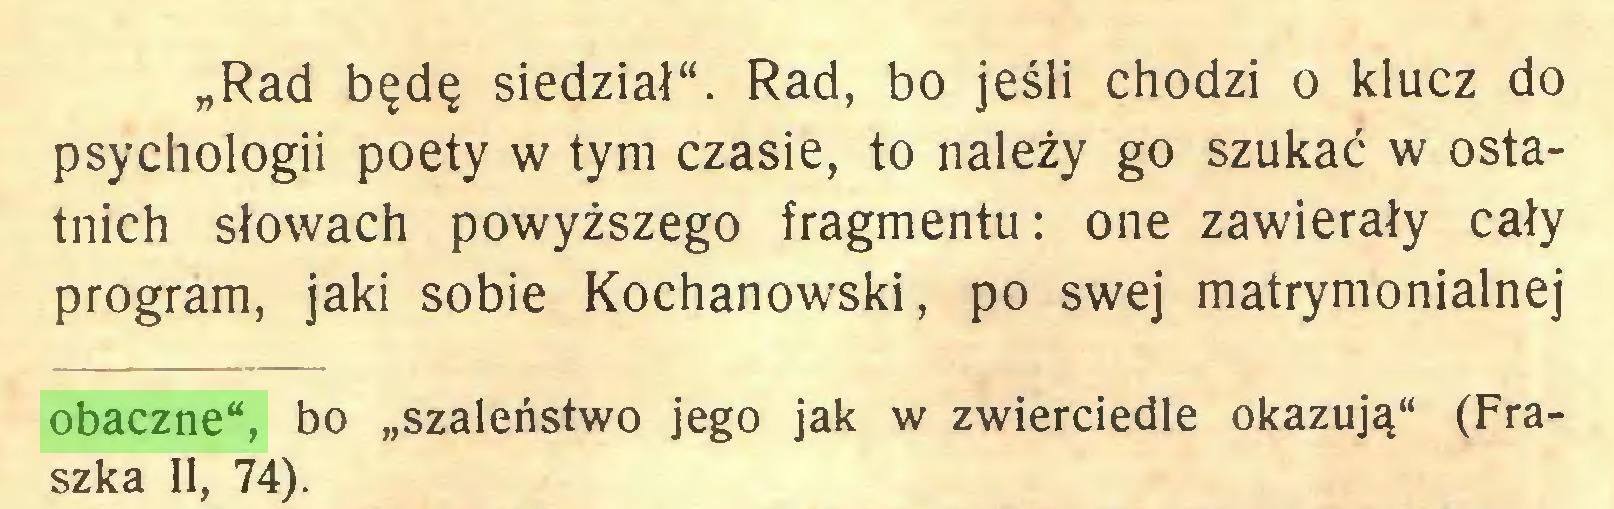 """(...) """"Rad będę siedział"""". Rad, bo jeśli chodzi o klucz do psychologii poety w tym czasie, to należy go szukać w ostatnich słowach powyższego fragmentu: one zawierały cały program, jaki sobie Kochanowski, po swej matrymonialnej obaczne"""", bo """"szaleństwo jego jak w zwierciedle okazują"""" (Fraszka II, 74)..."""